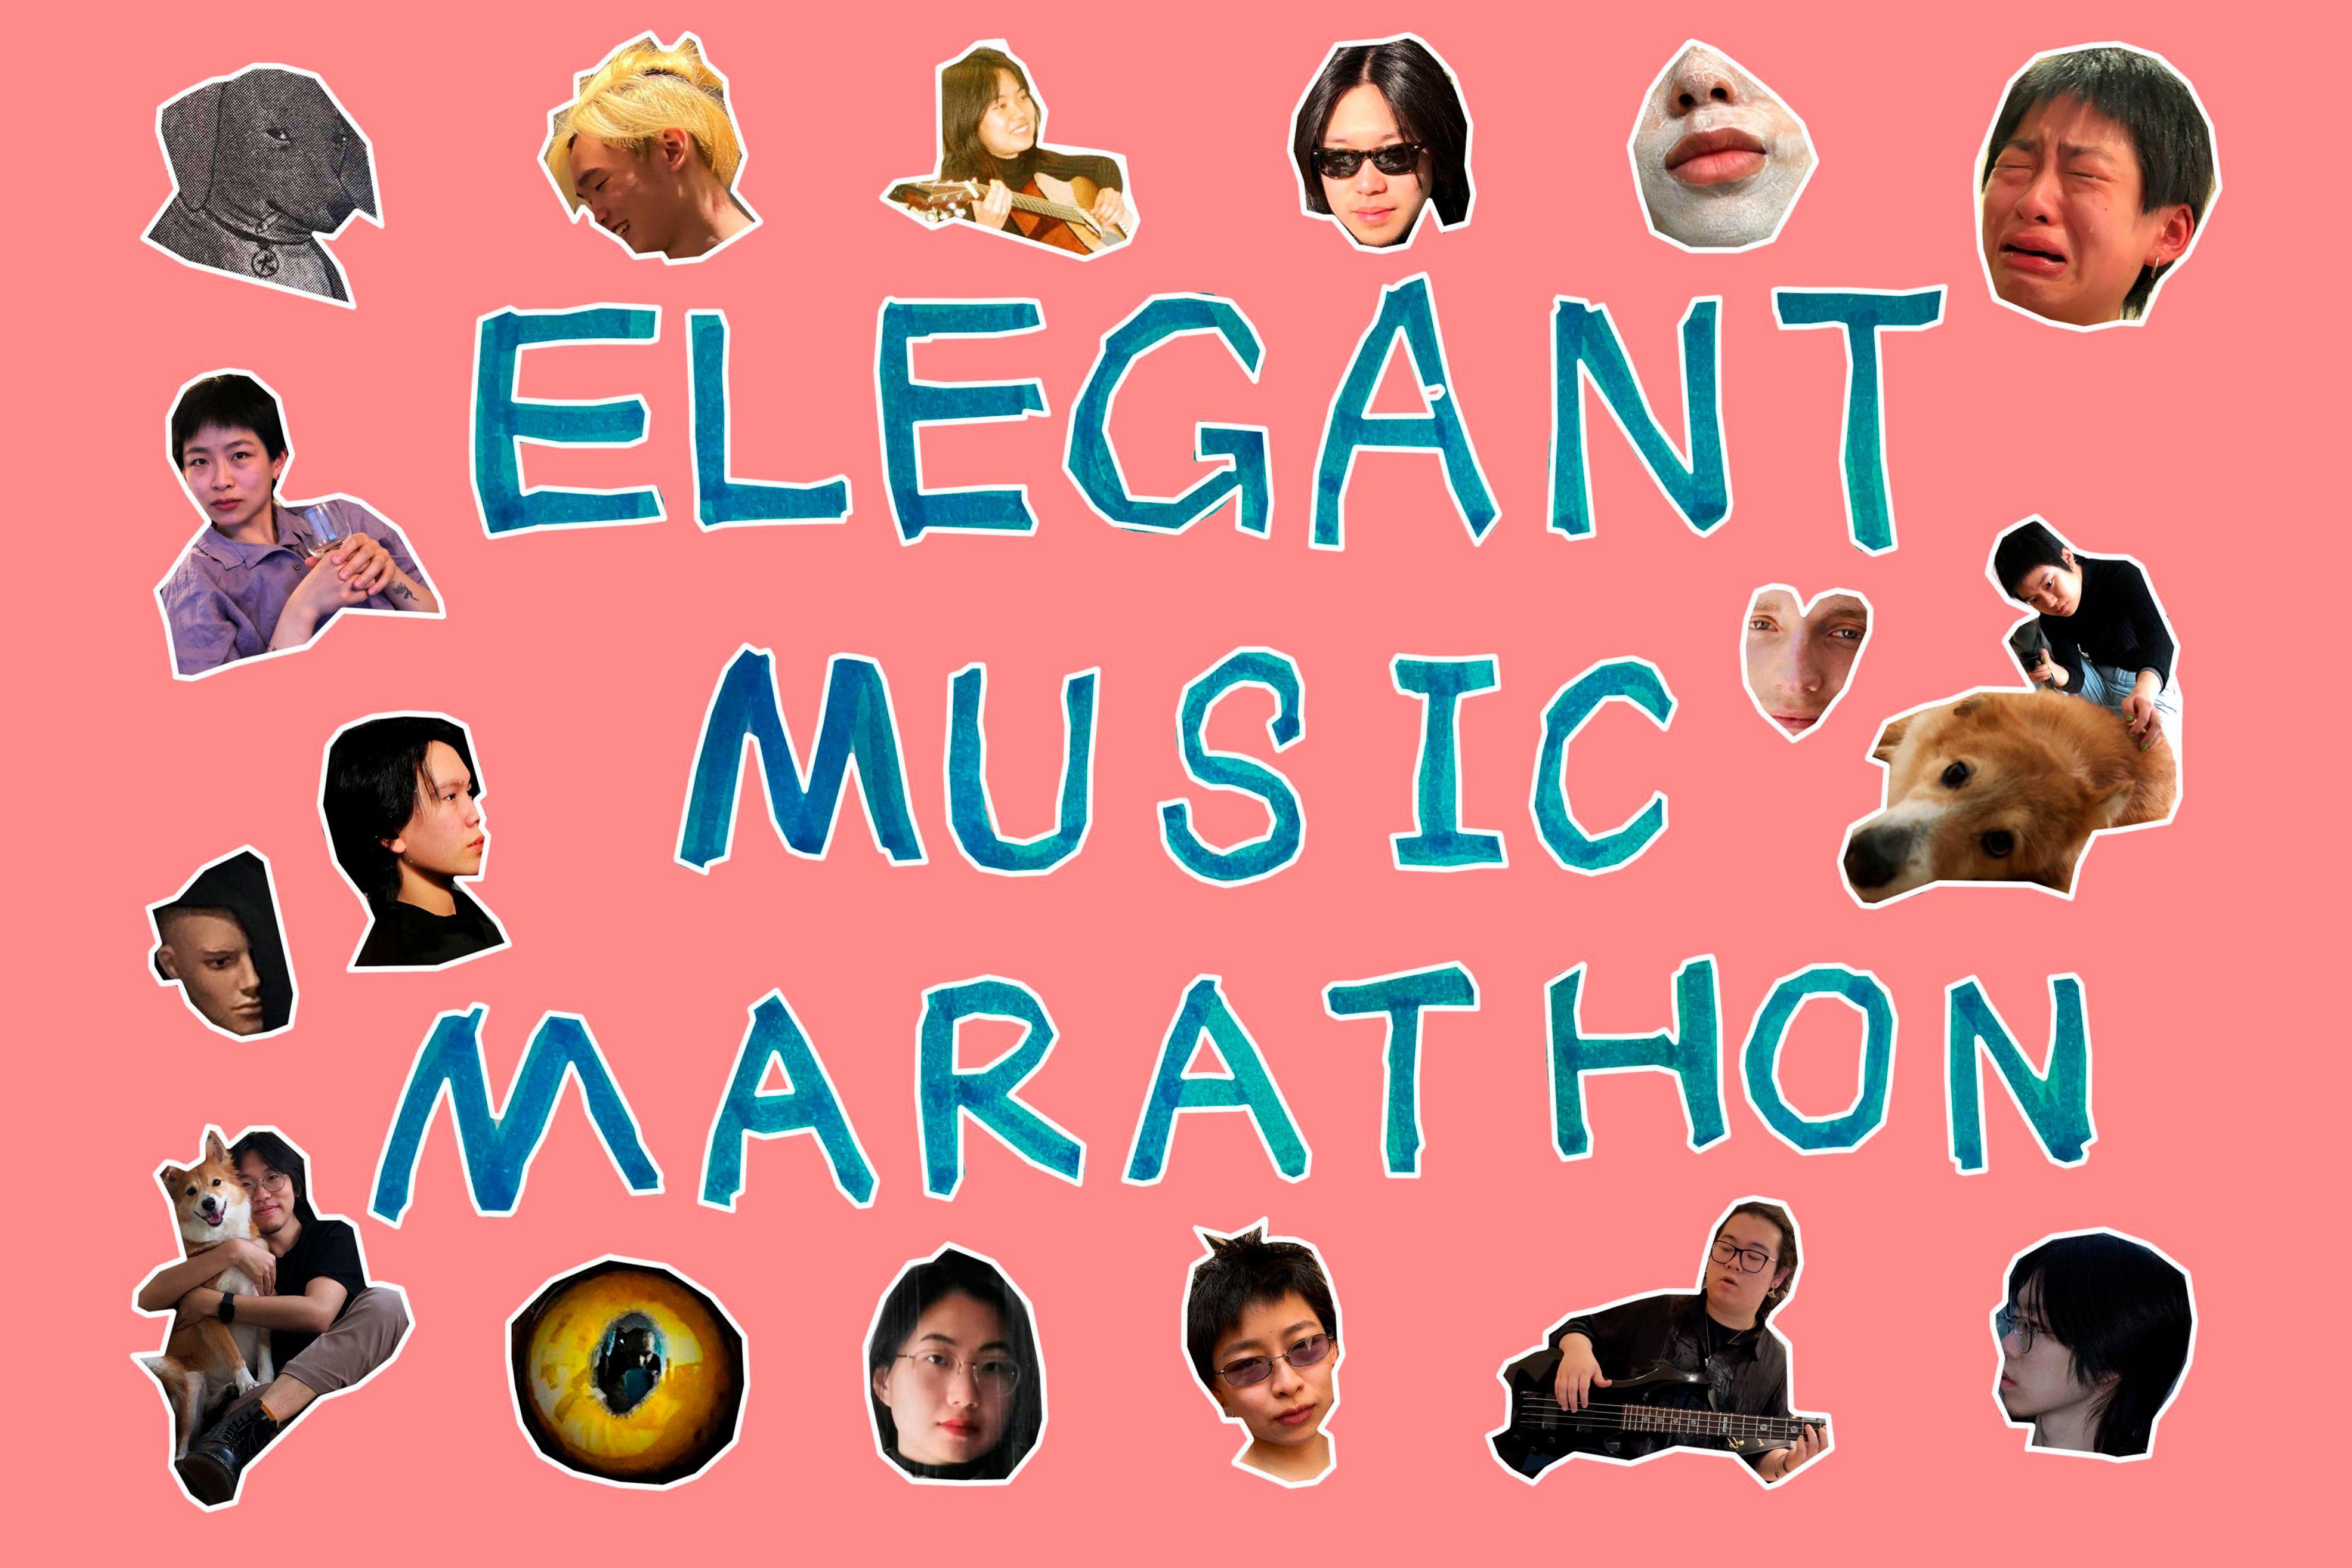 Elegant Music Marathon-image